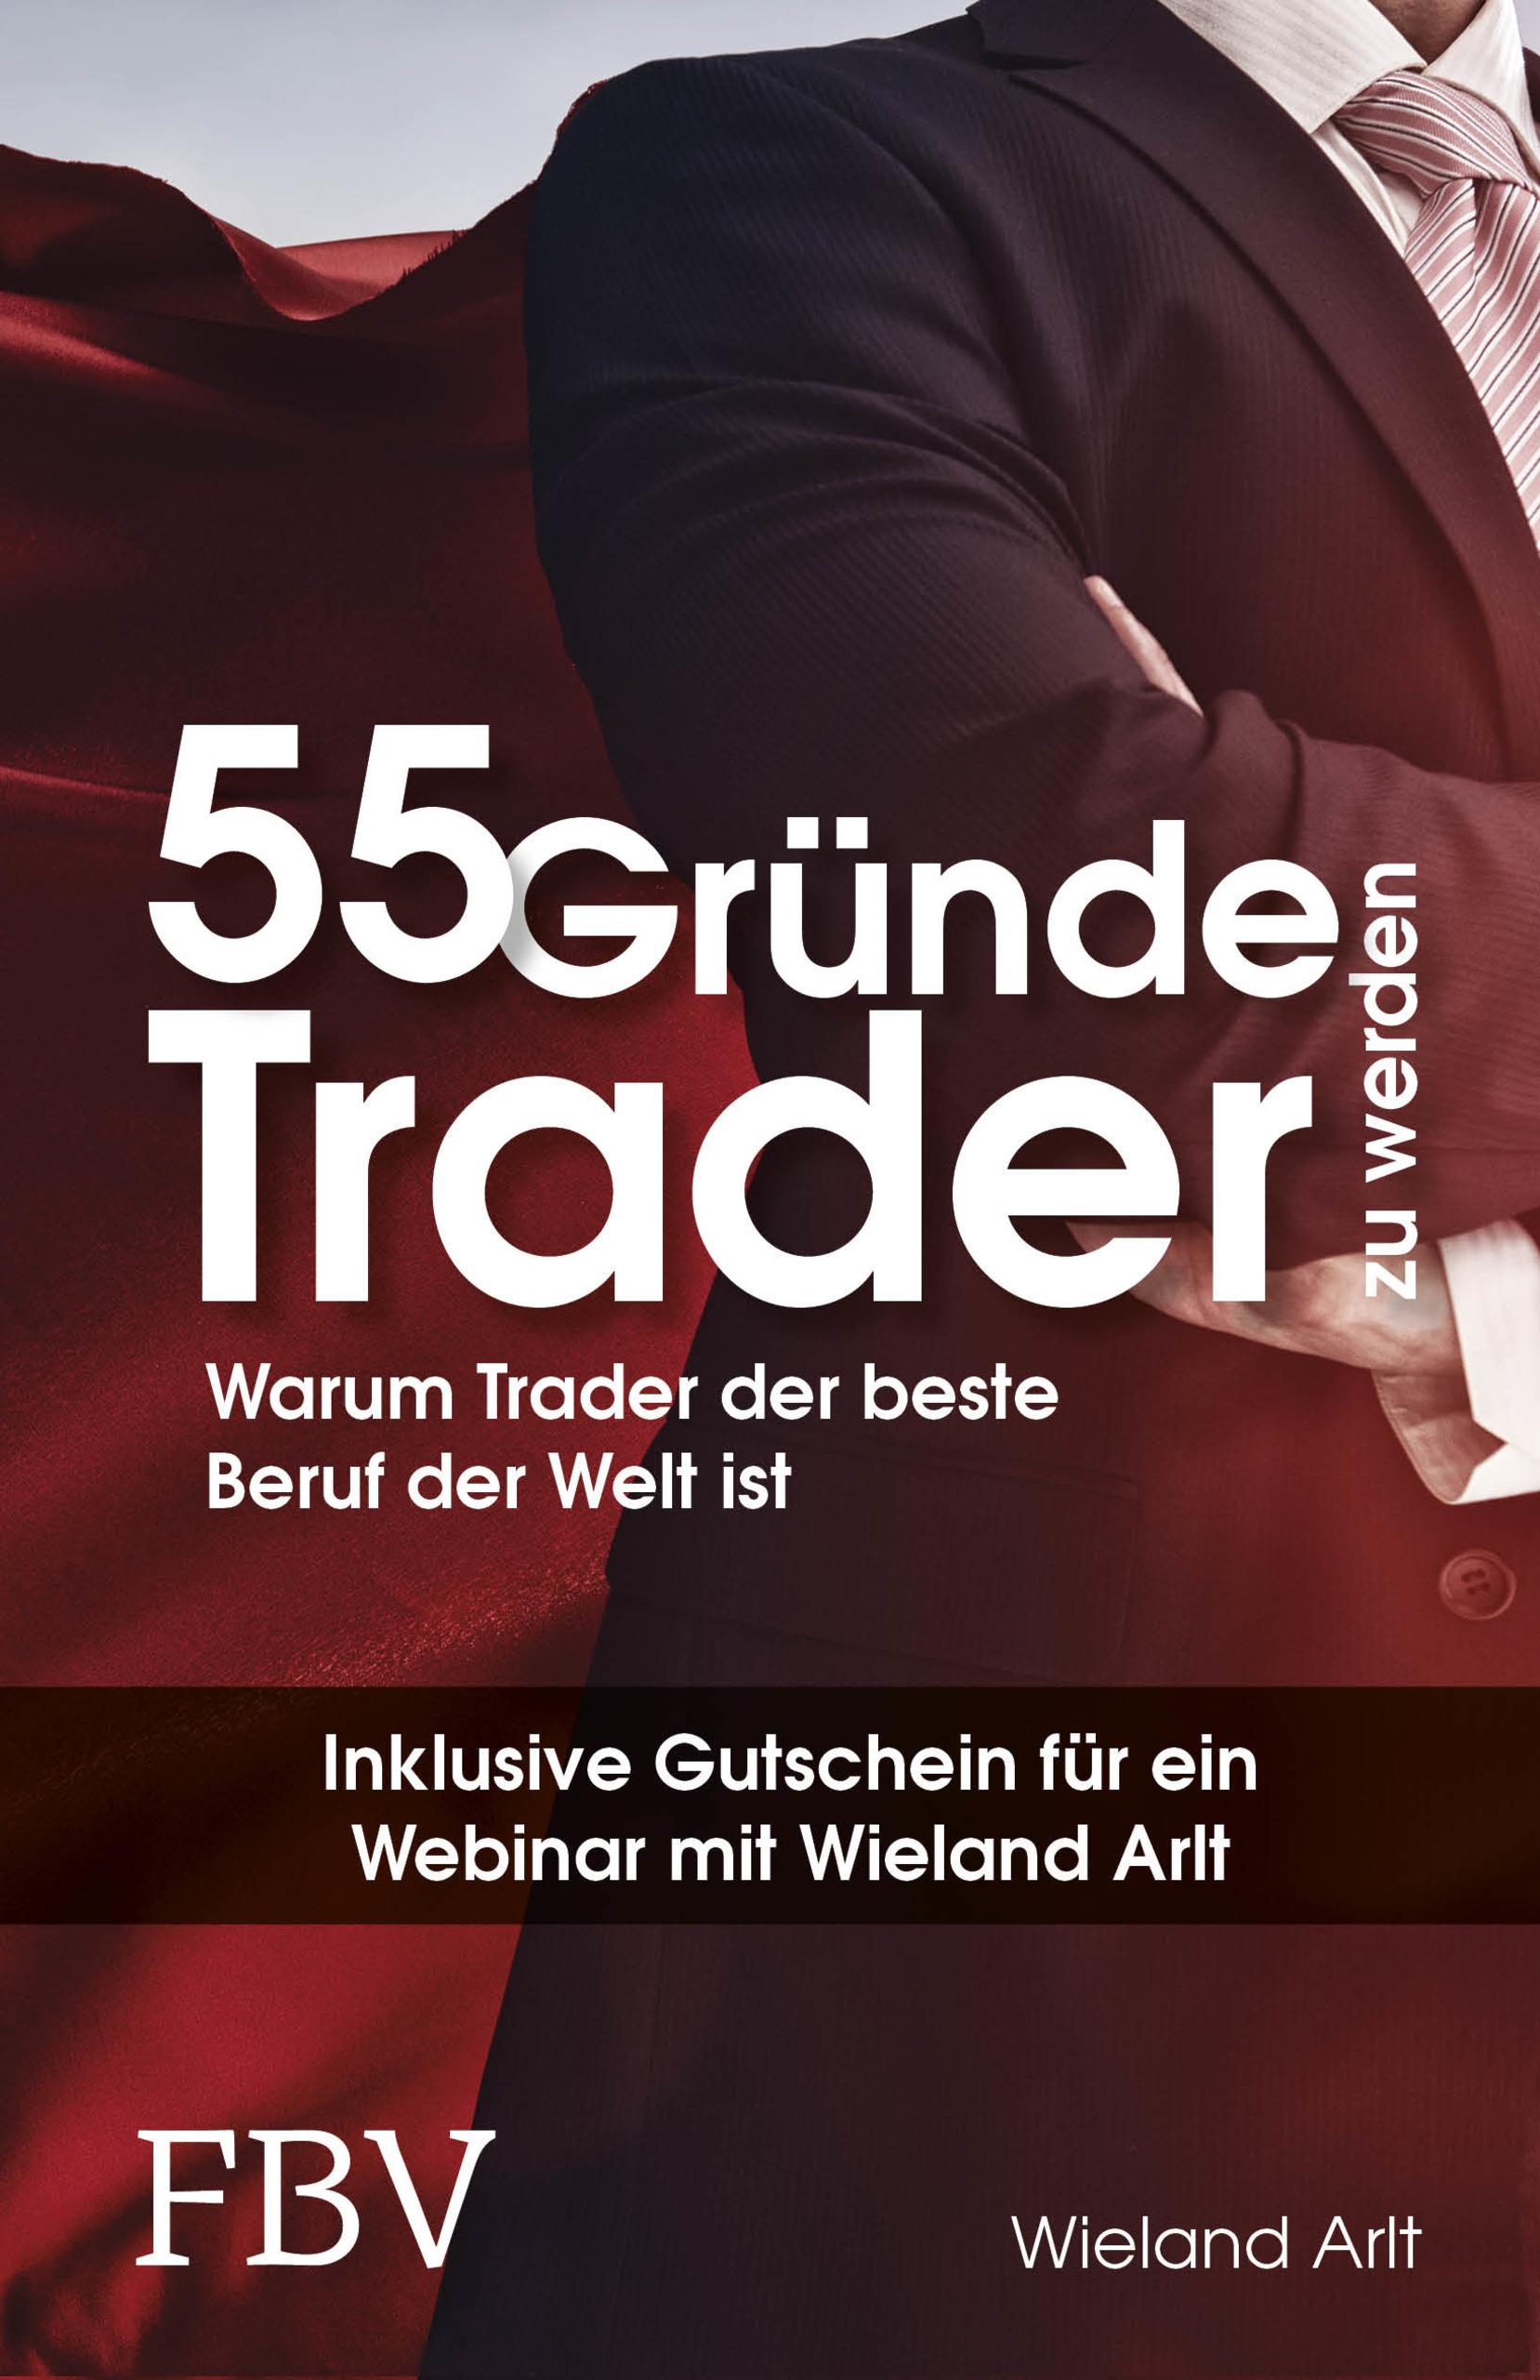 55 Gründe Trader Zu Werden Warum Trader Der Beste Beruf Der Welt Ist